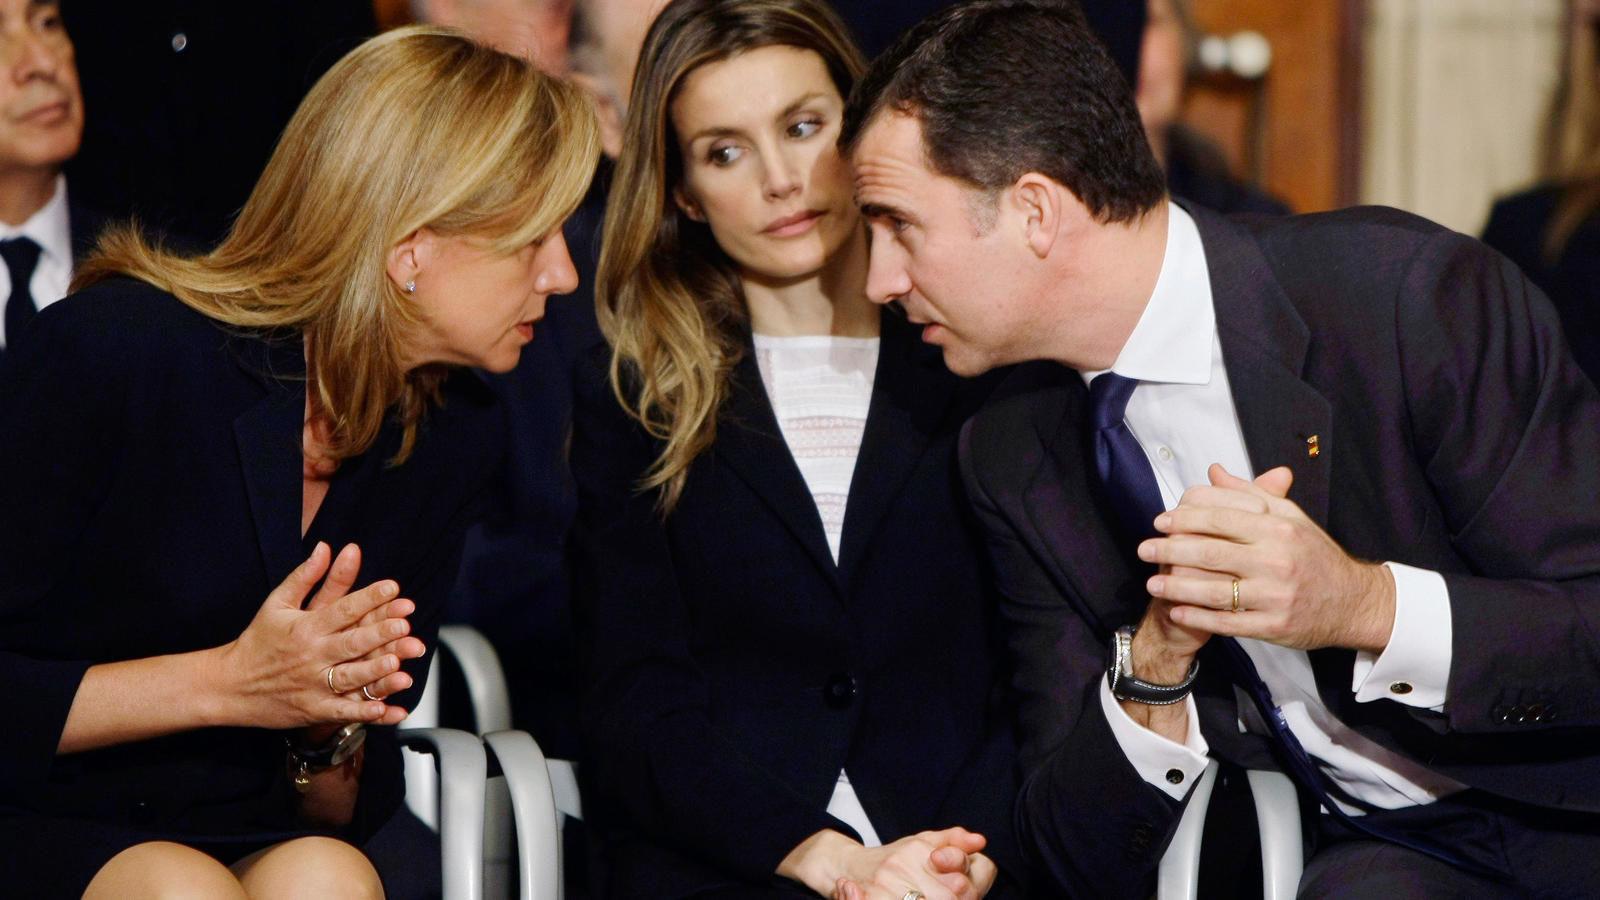 La reina Letizia se enfadaría por encuentro de Felipe VI y la infanta Cristina